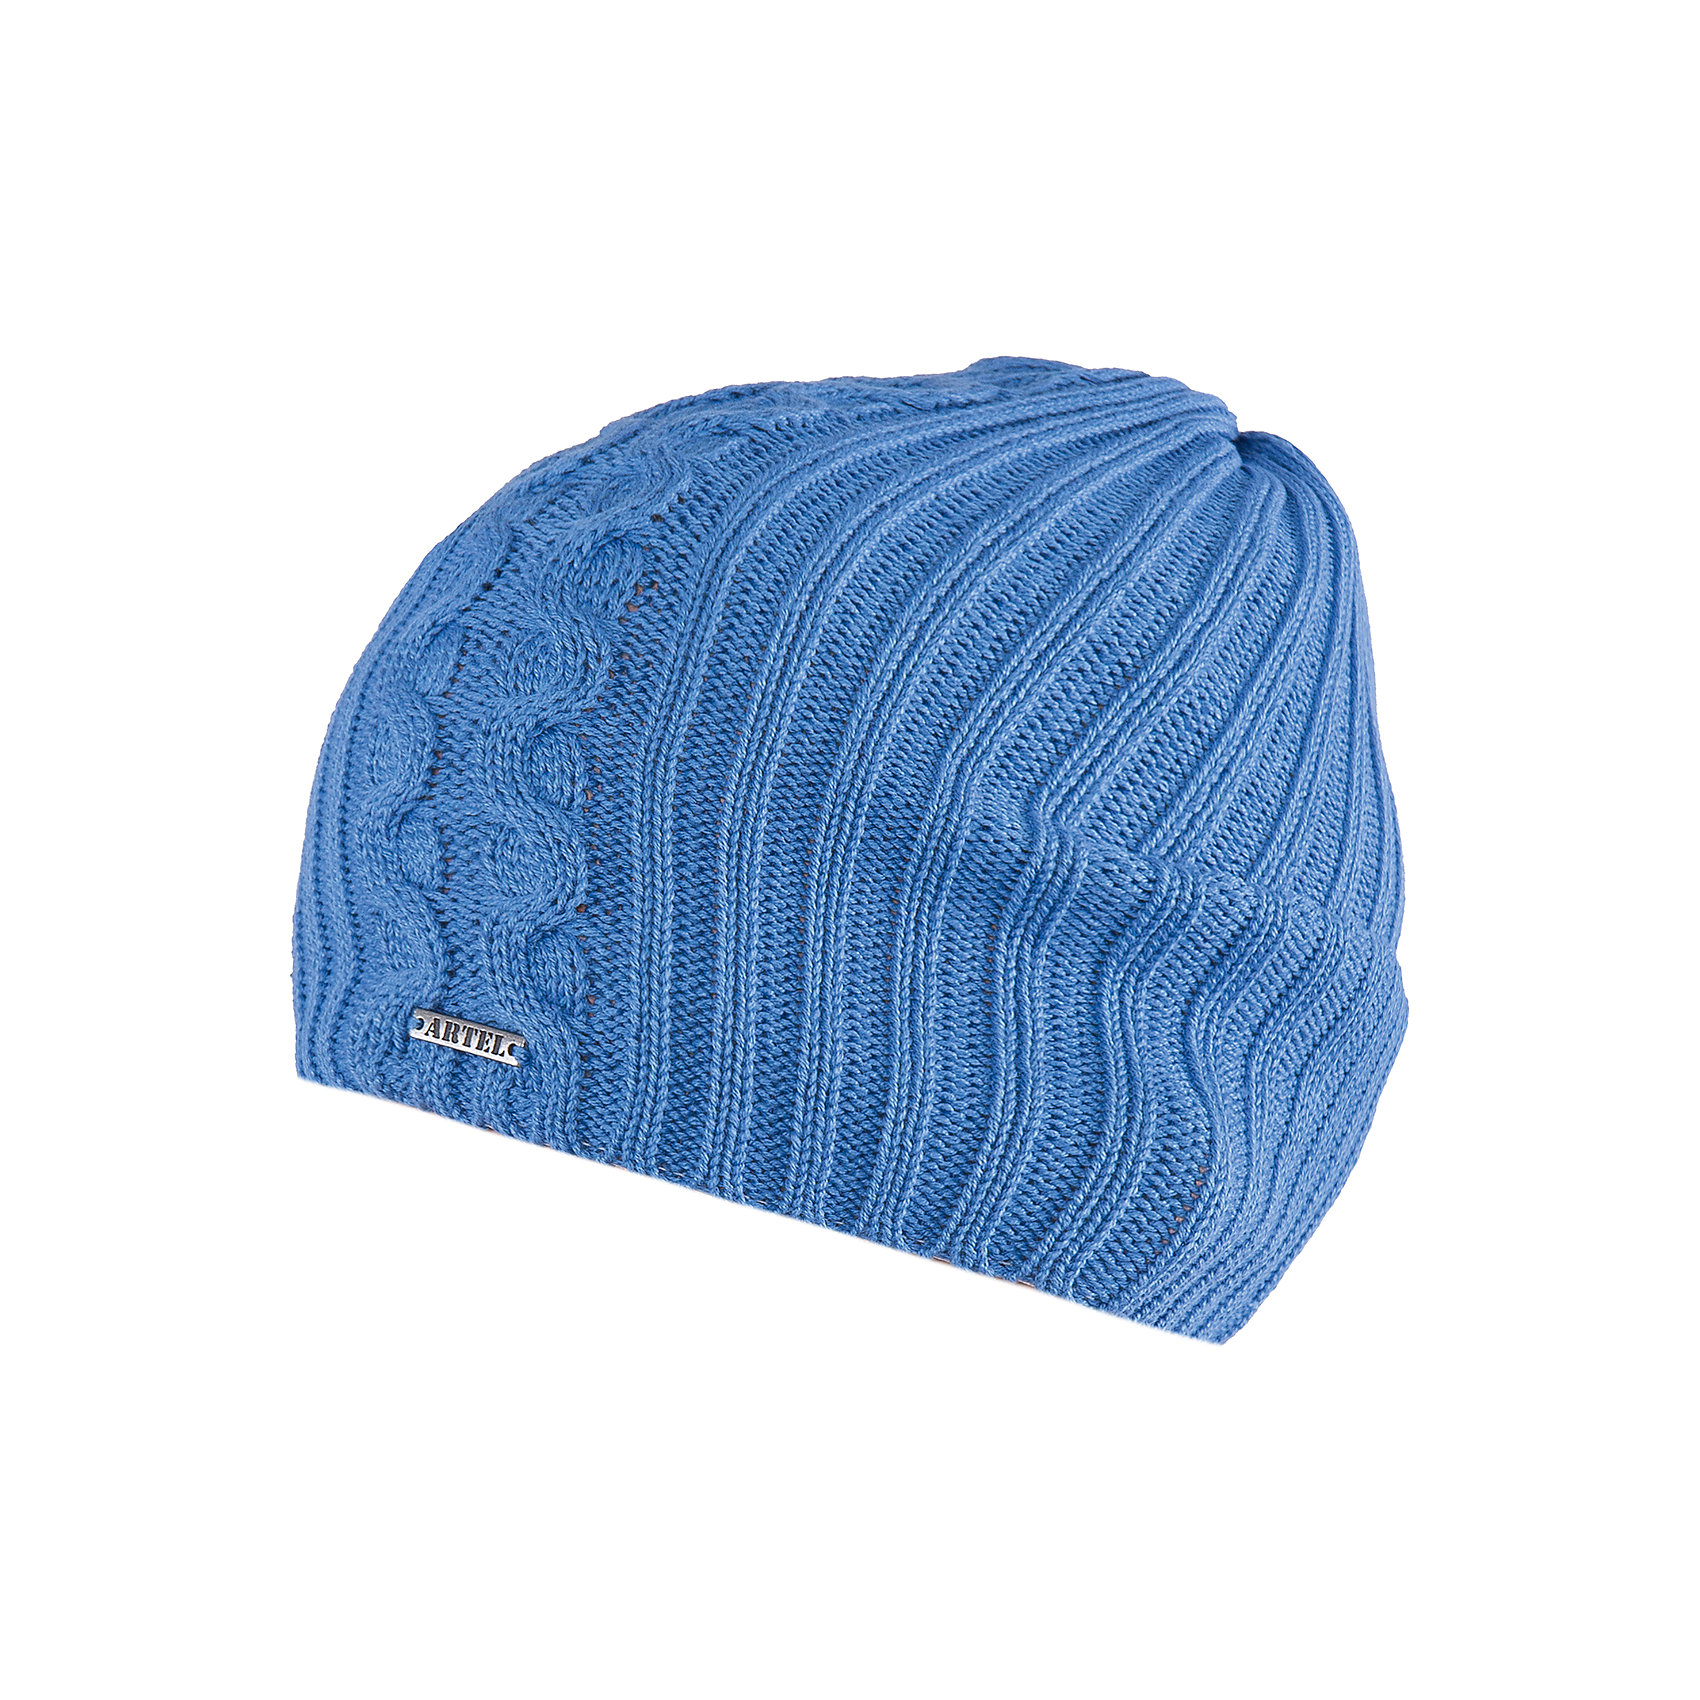 Шапка для мальчика АртельШапка для мальчика от торговой марки Артель <br><br>Стильная теплая шапка отлично смотрится на детях, обеспечивает комфорт и тепло. Изделие выполнено из качественных материалов, вязка плотная. Смешанный состав пряжи обеспечит износостойкость и удобство. Отличный вариант для переменной погоды межсезонья! <br>Одежда от бренда Артель – это высокое качество по приемлемой цене и всегда продуманный дизайн. <br><br>Особенности модели: <br>- цвет — ультрамарин; <br>- украшена металлическим логотипом;<br>- пряжа смешанного состава. <br><br>Дополнительная информация: <br><br>Состав: 50% хлопок, 50% пан.<br><br><br>Температурный режим: <br>От -5 °C до +15 °C <br><br>Шапку для мальчика Артель (Artel) можно купить в нашем магазине.<br><br>Ширина мм: 89<br>Глубина мм: 117<br>Высота мм: 44<br>Вес г: 155<br>Цвет: синий<br>Возраст от месяцев: 72<br>Возраст до месяцев: 84<br>Пол: Мужской<br>Возраст: Детский<br>Размер: 54,52,50<br>SKU: 4500783